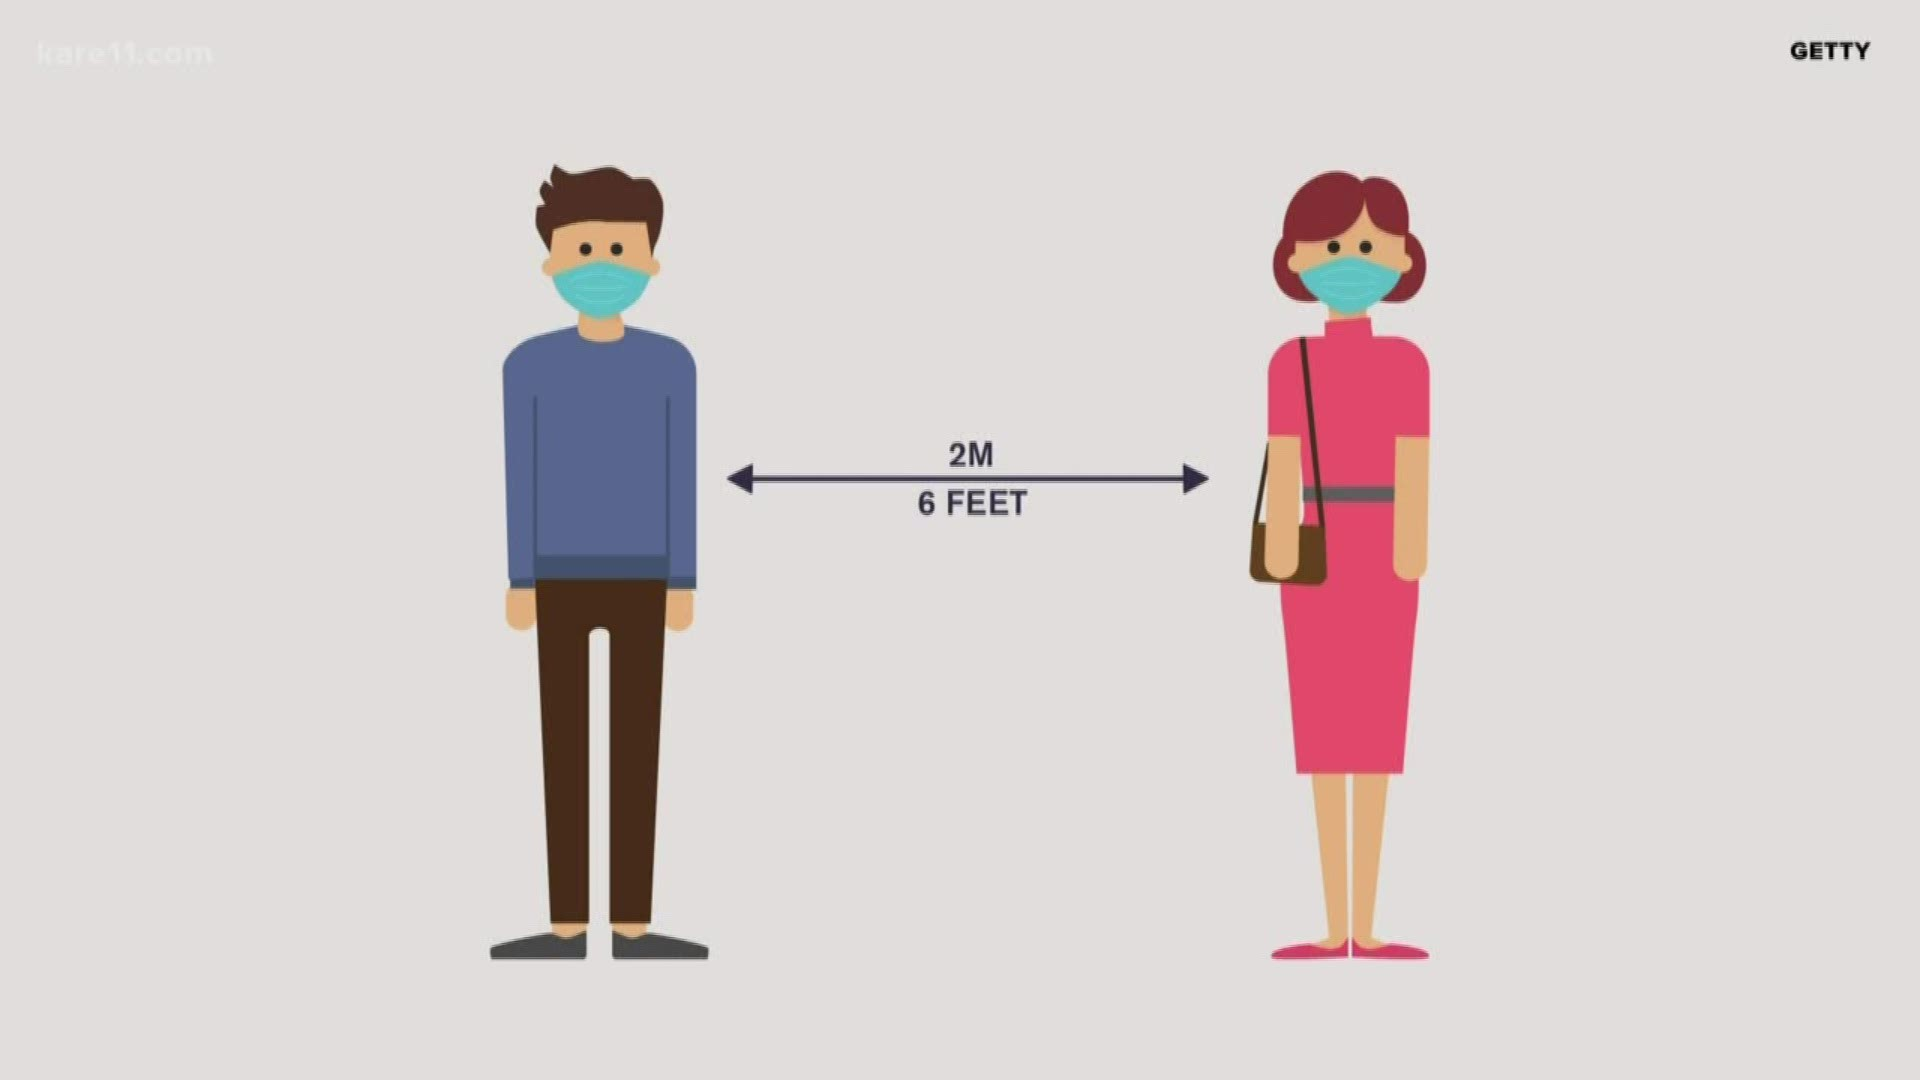 Đảm bảo không gian của mọi người ở cách nhau 2m (6 feet)